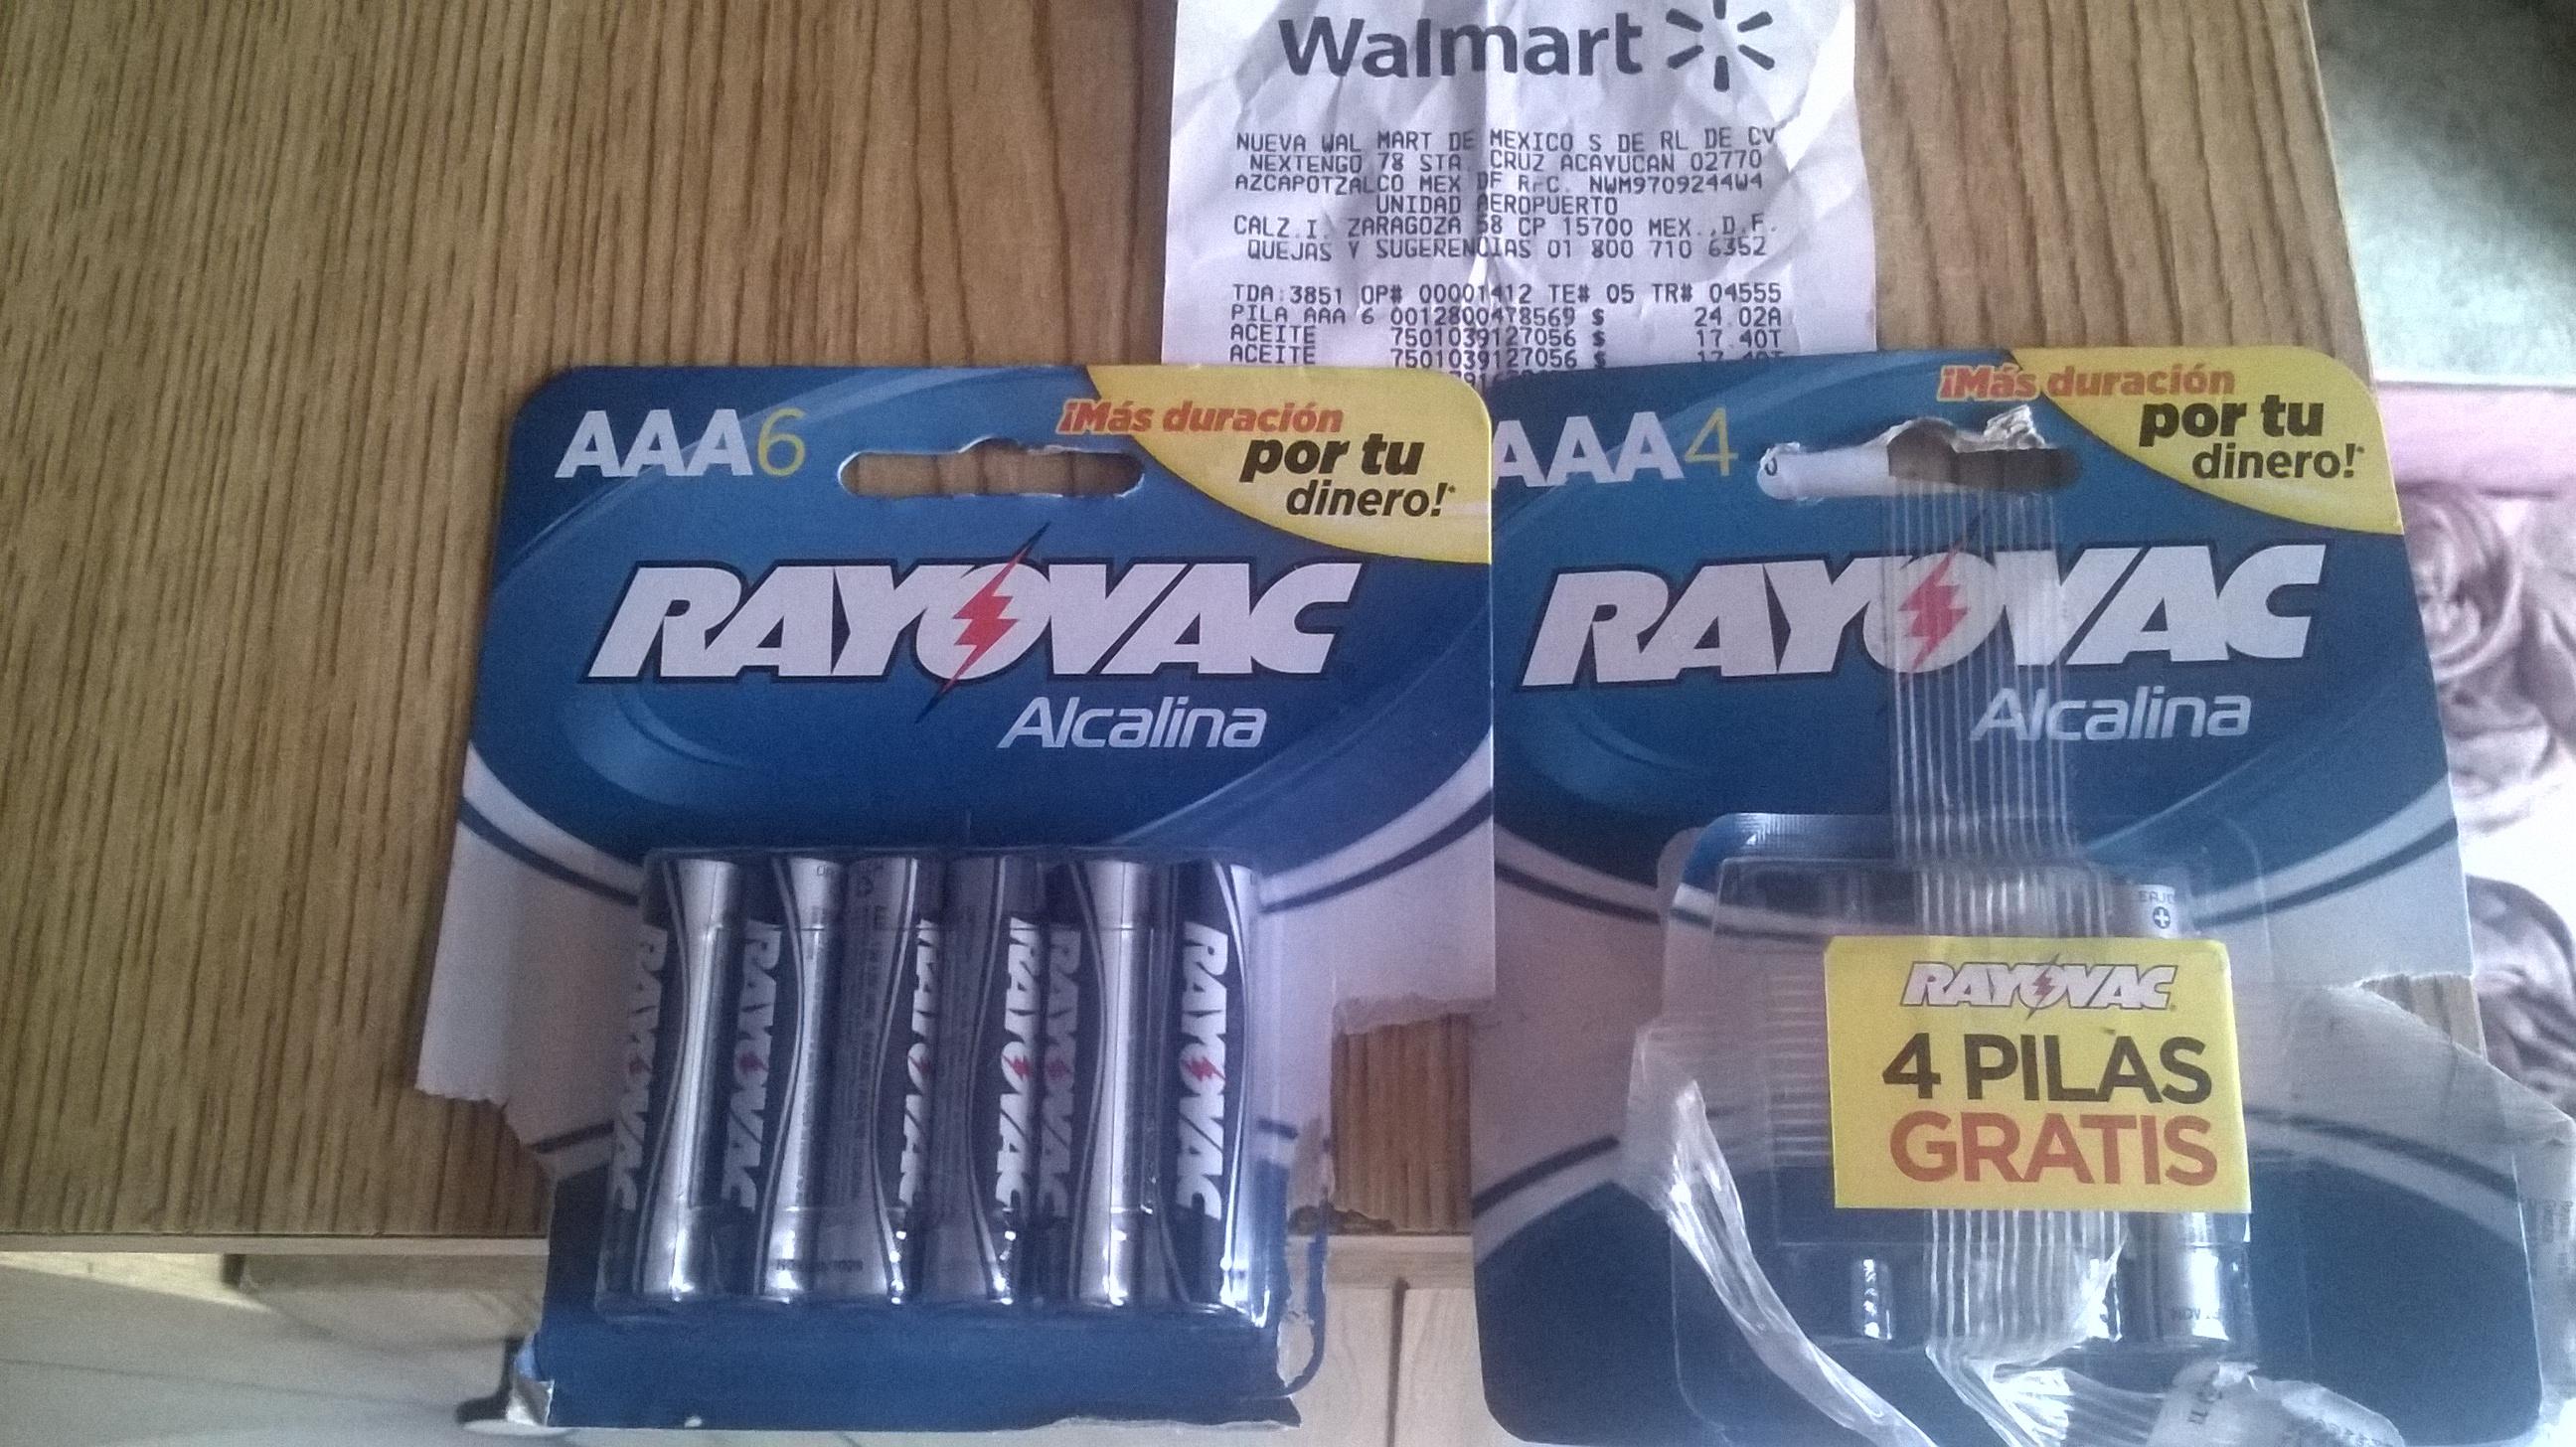 WalMart: 10 pilas AAA Rayovac $24.02